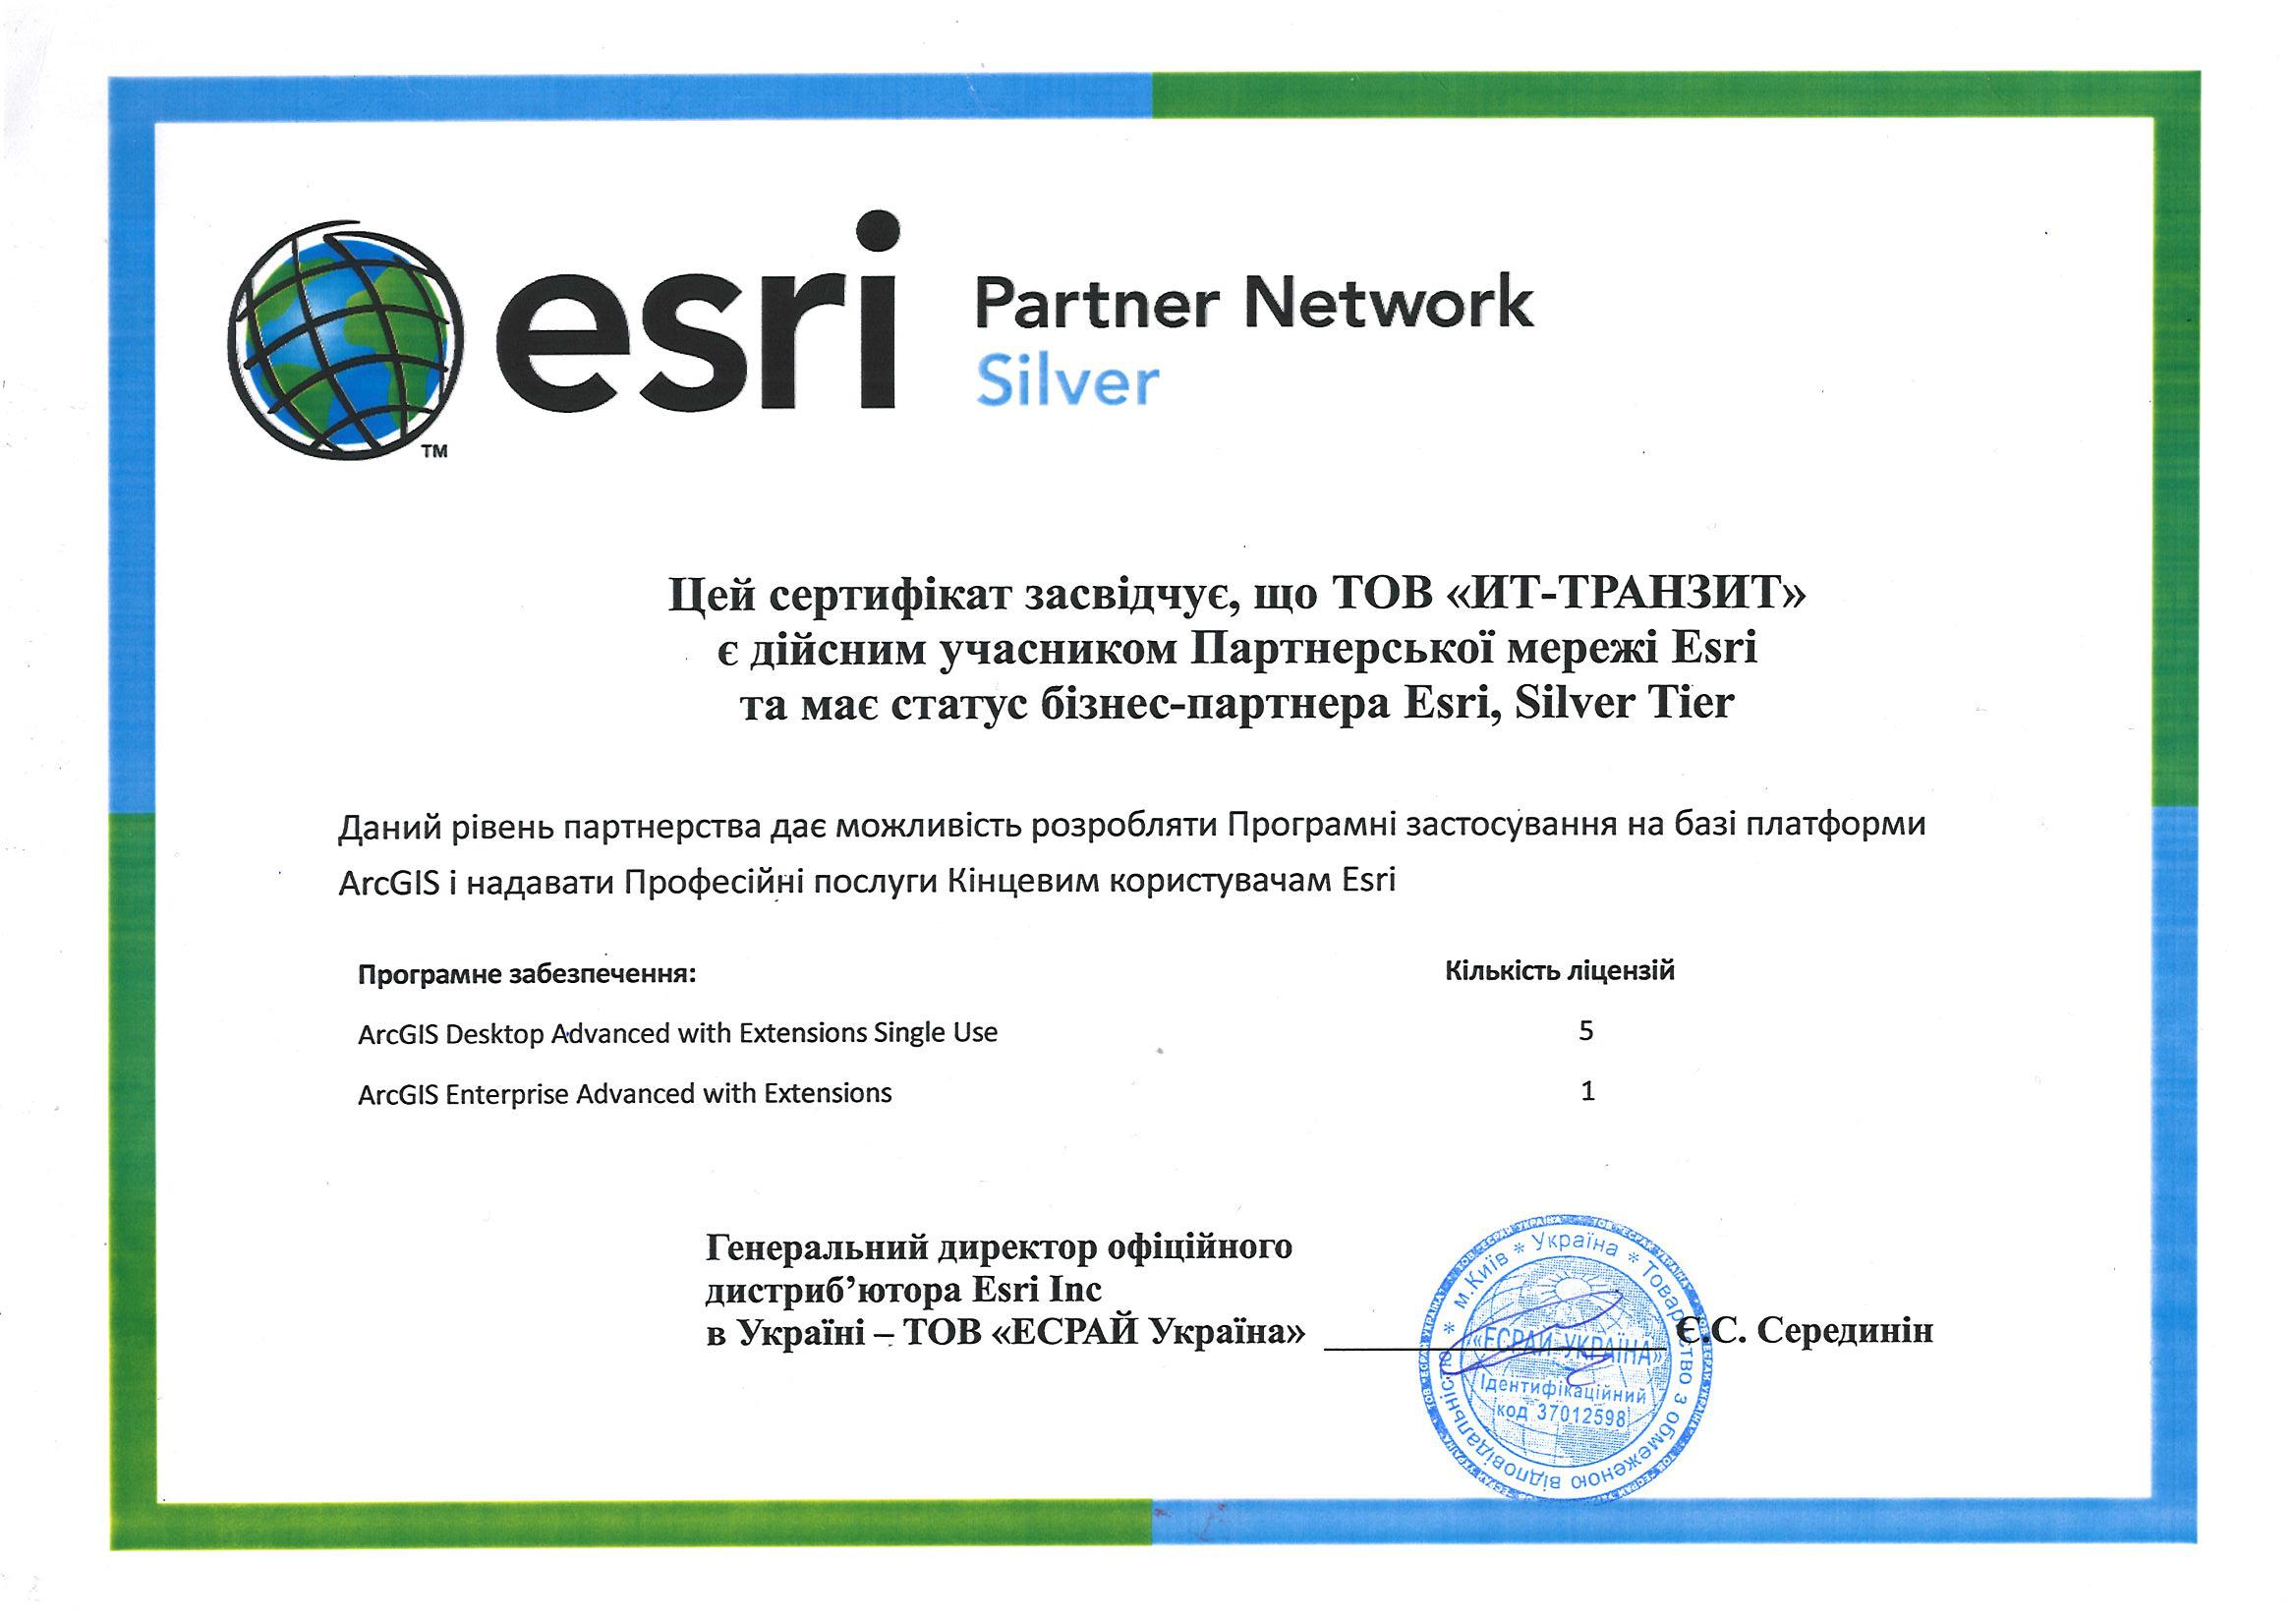 Сертифікат ESRI, Срібне партнерство